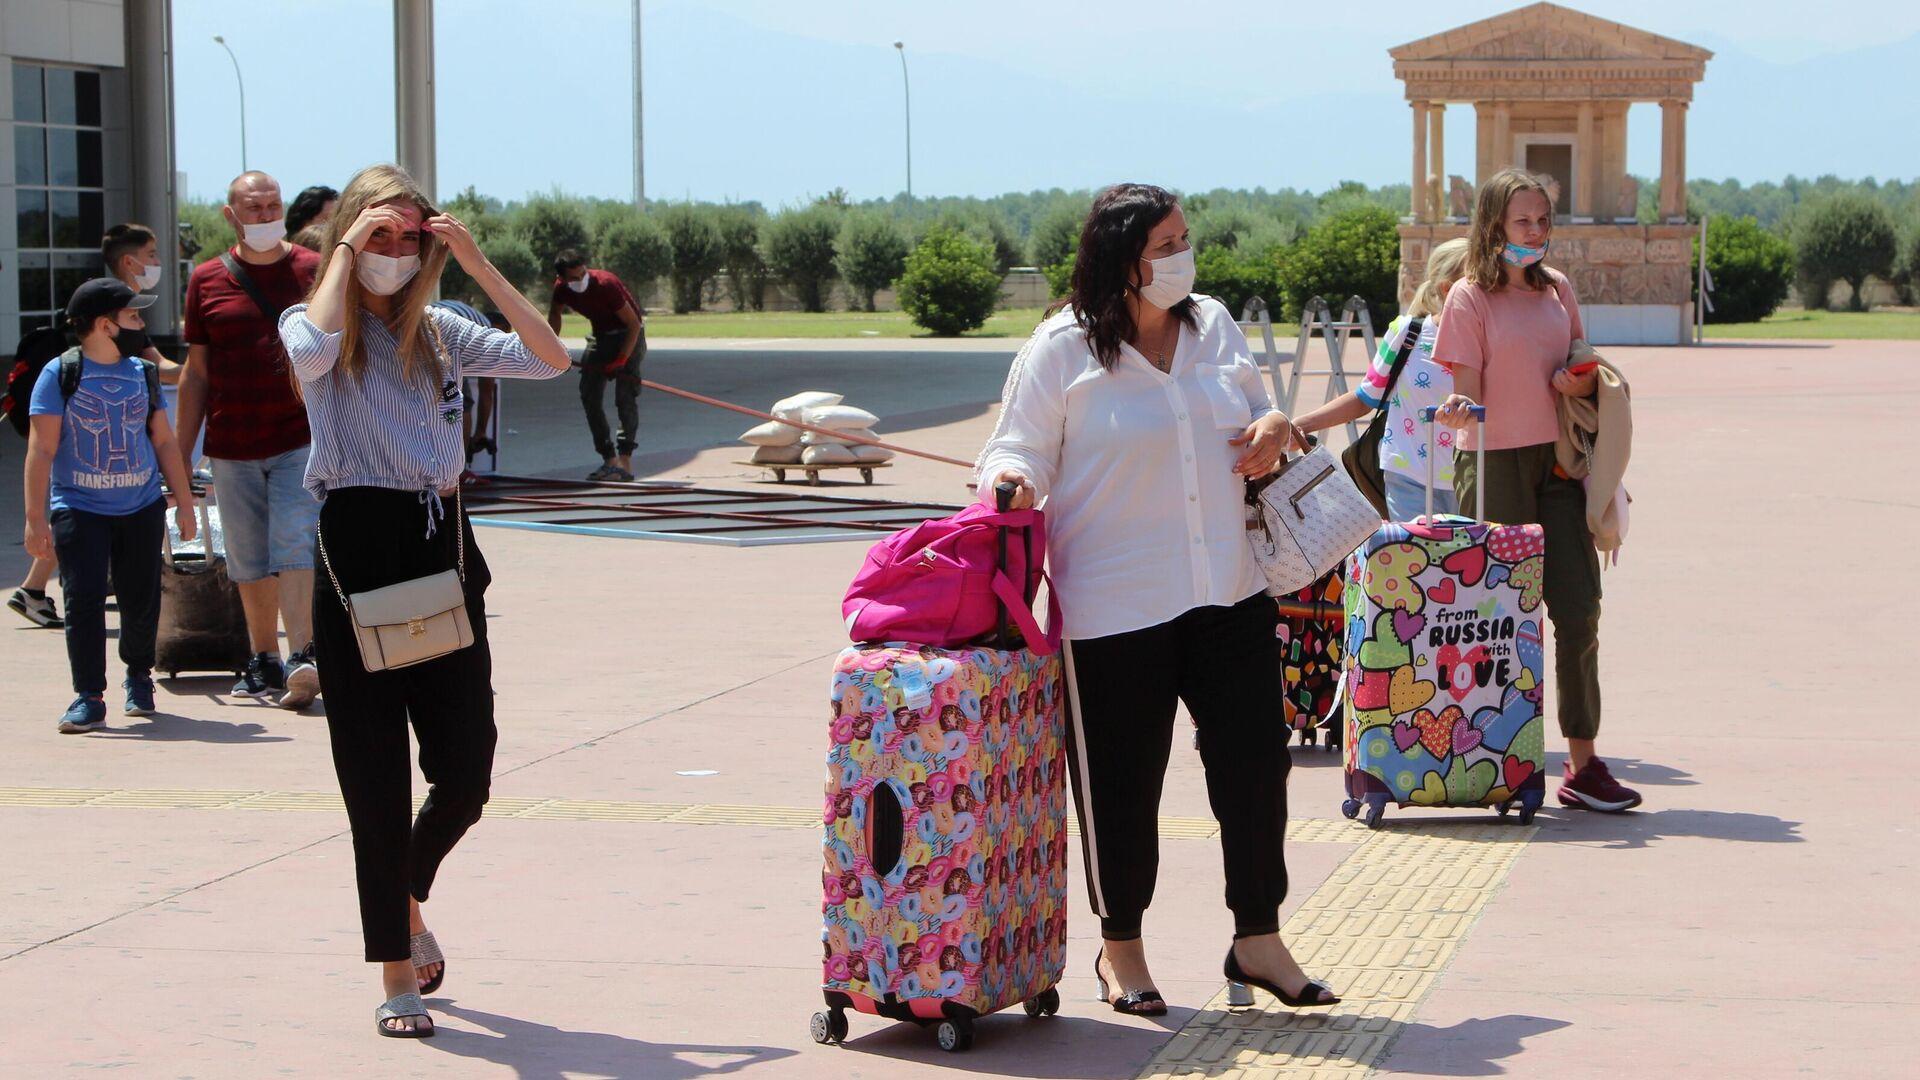 Туристы из России, прибывшие на отдых в Турцию - РИА Новости, 1920, 01.06.2021